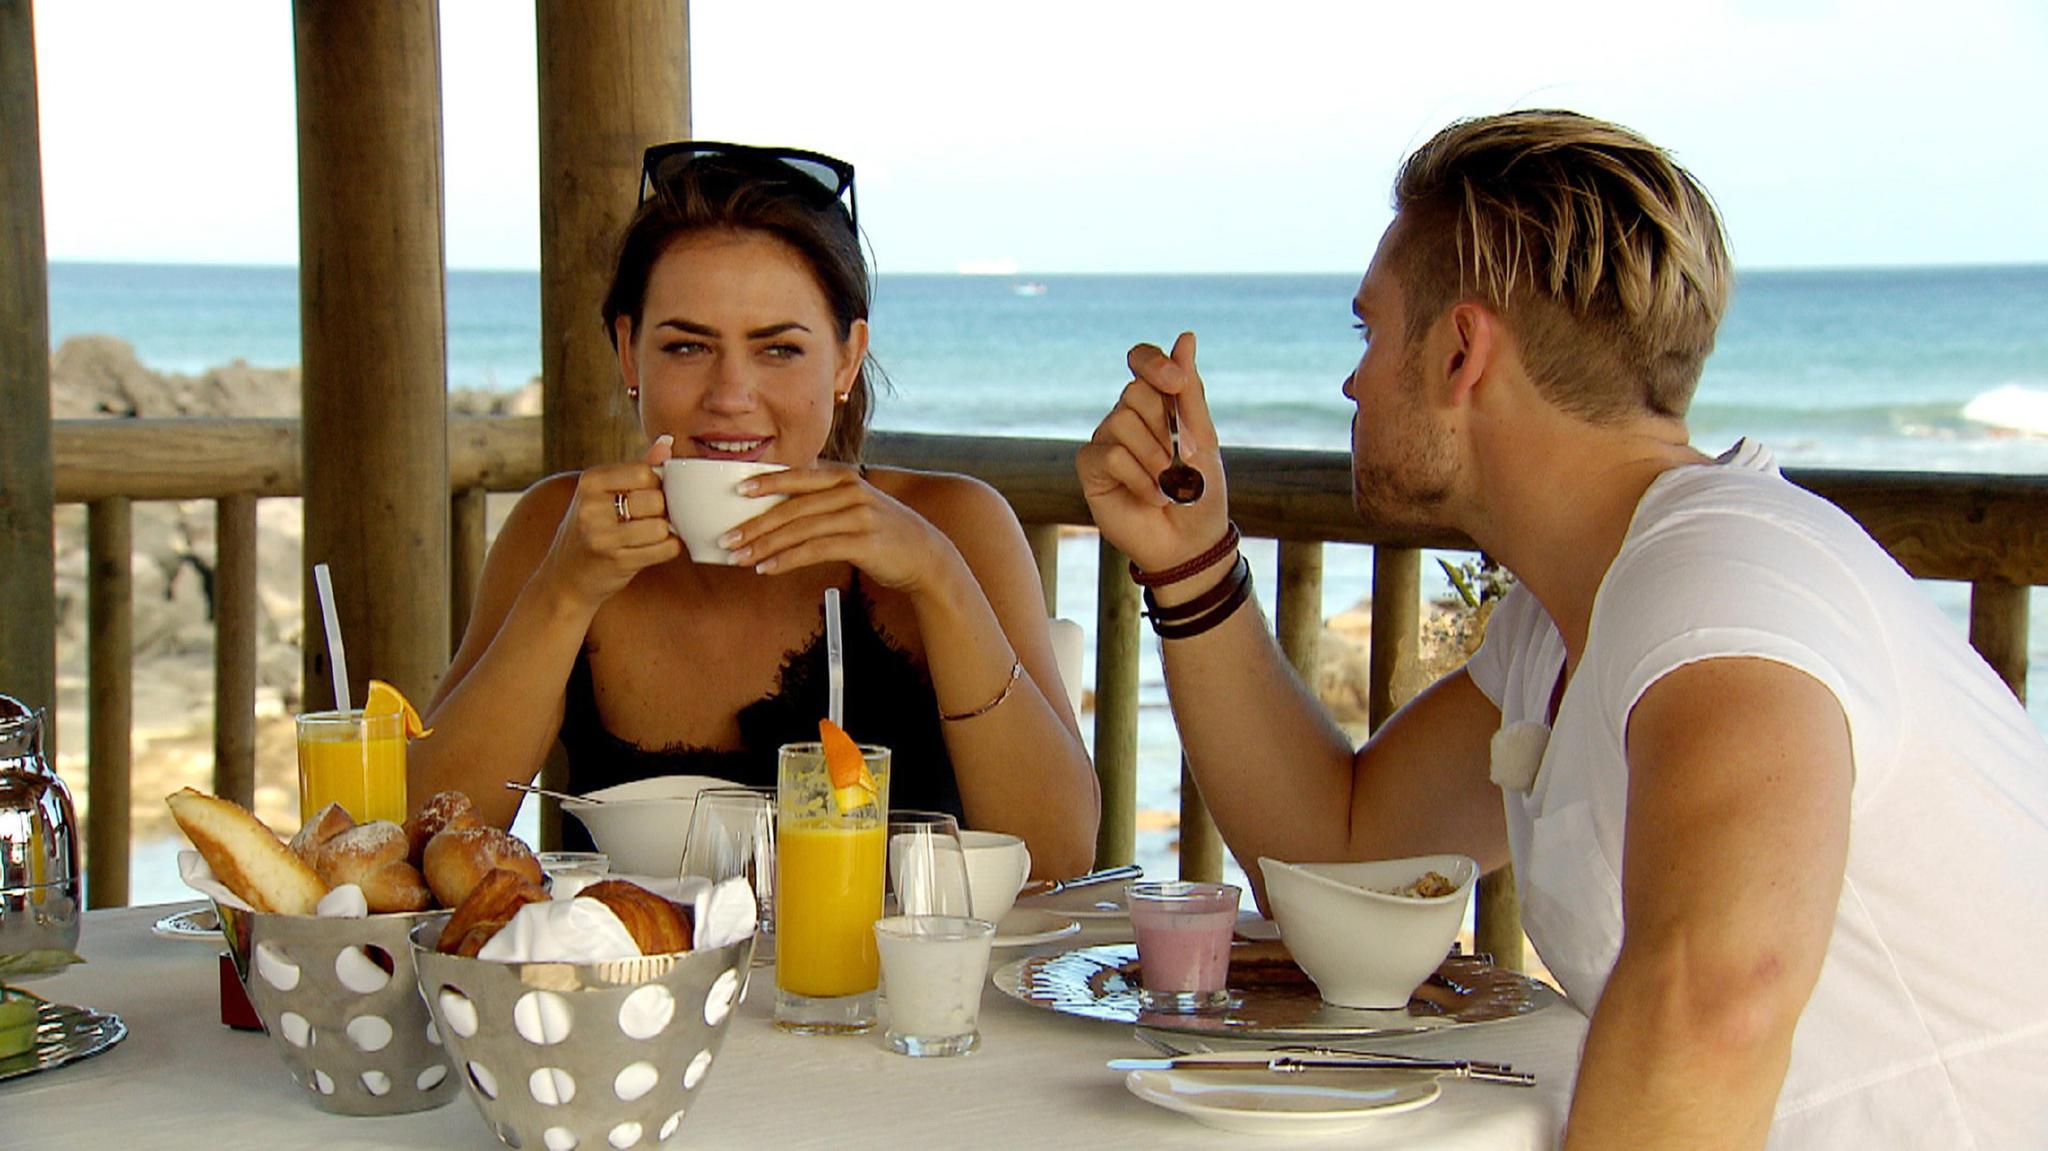 Johannes setzt auch auf Weiß beim Frühstück mit Jessica